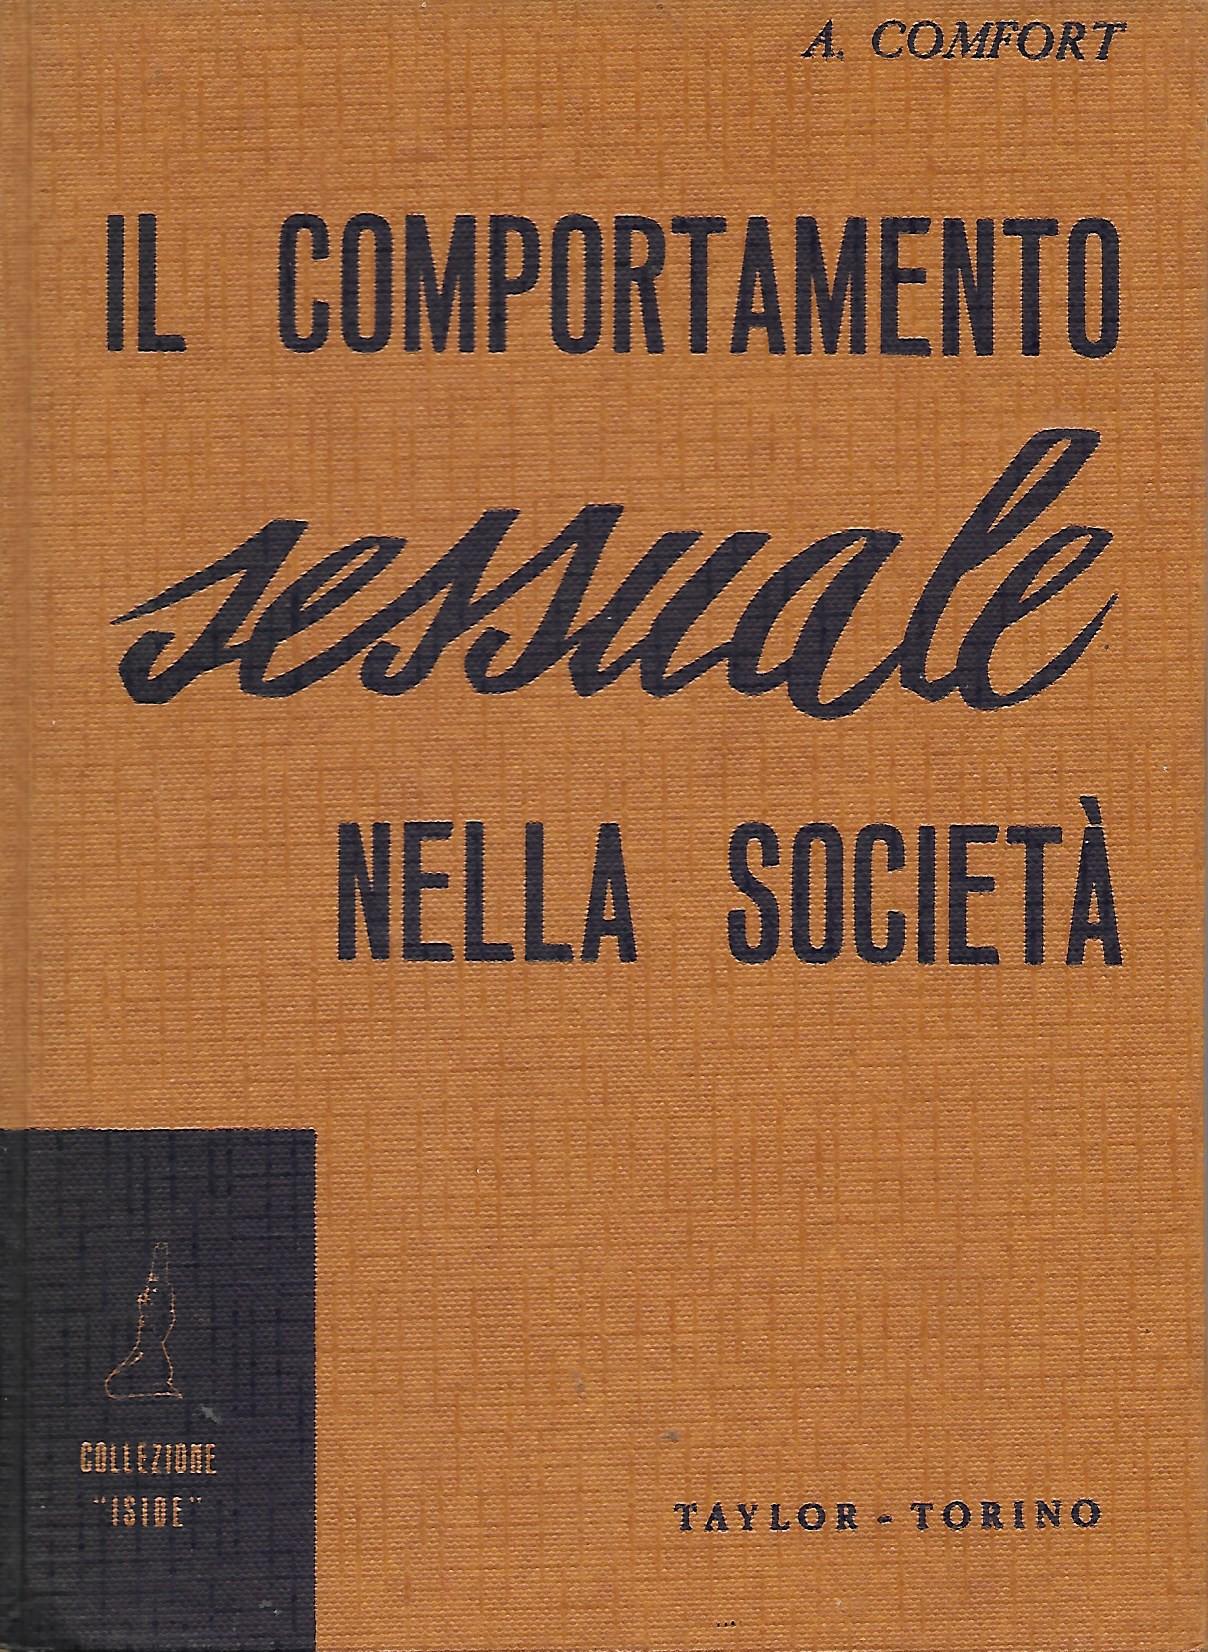 Il comportamento sessuale nella società